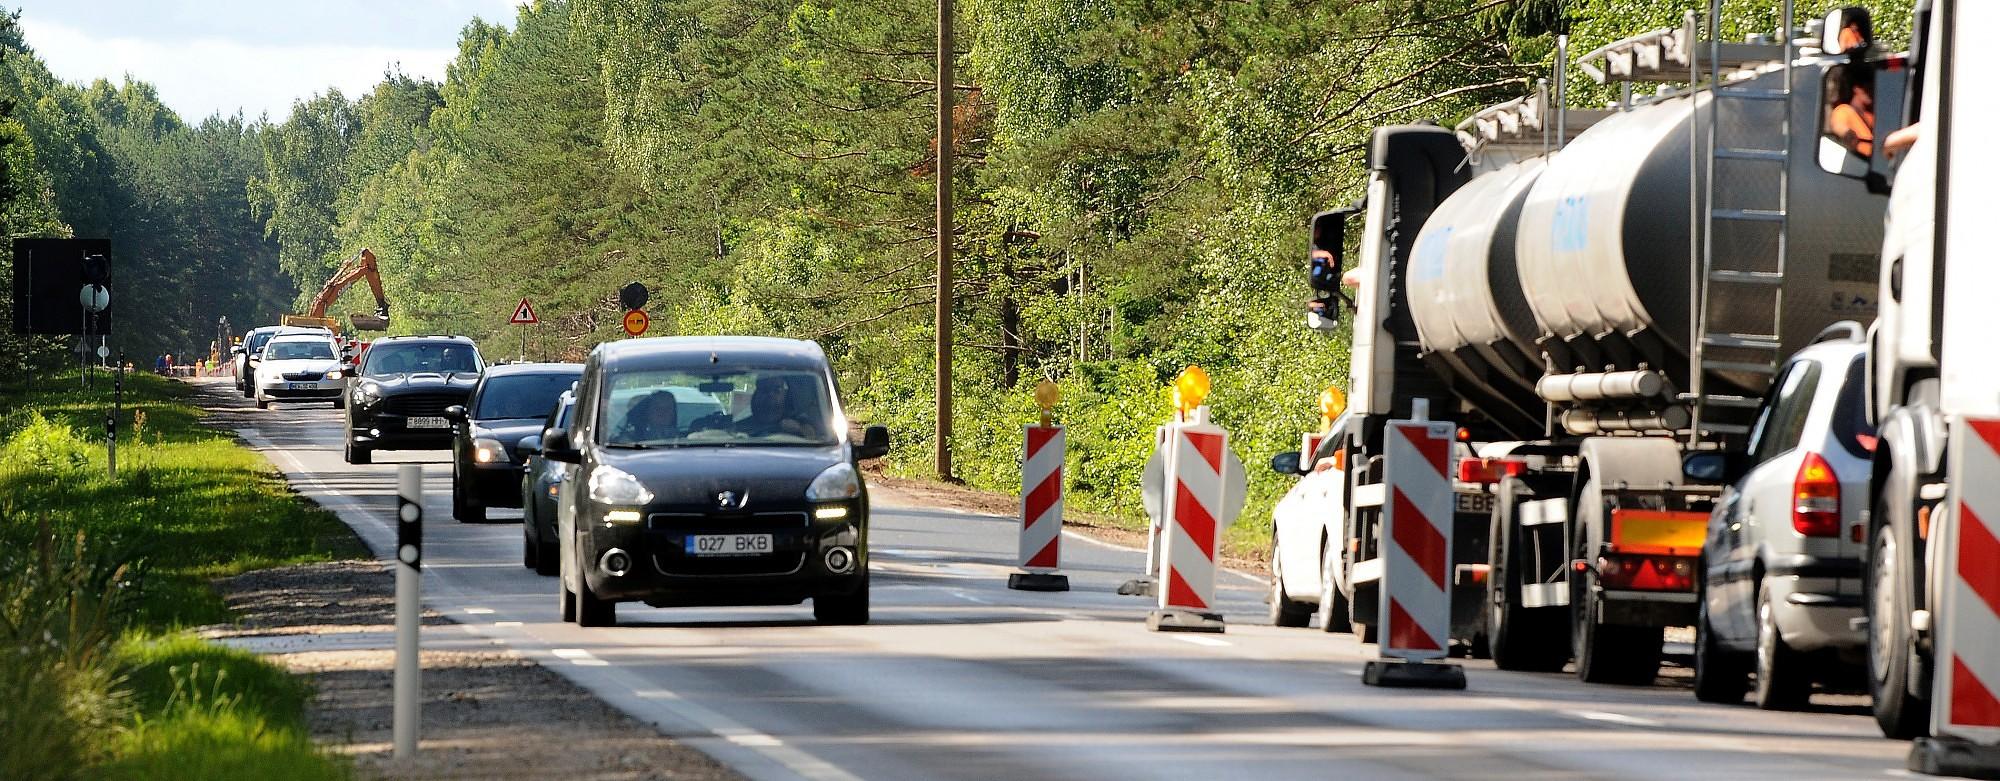 На государственных автодорогах с асфальтовым покрытием заделано почти 10 га выбоин